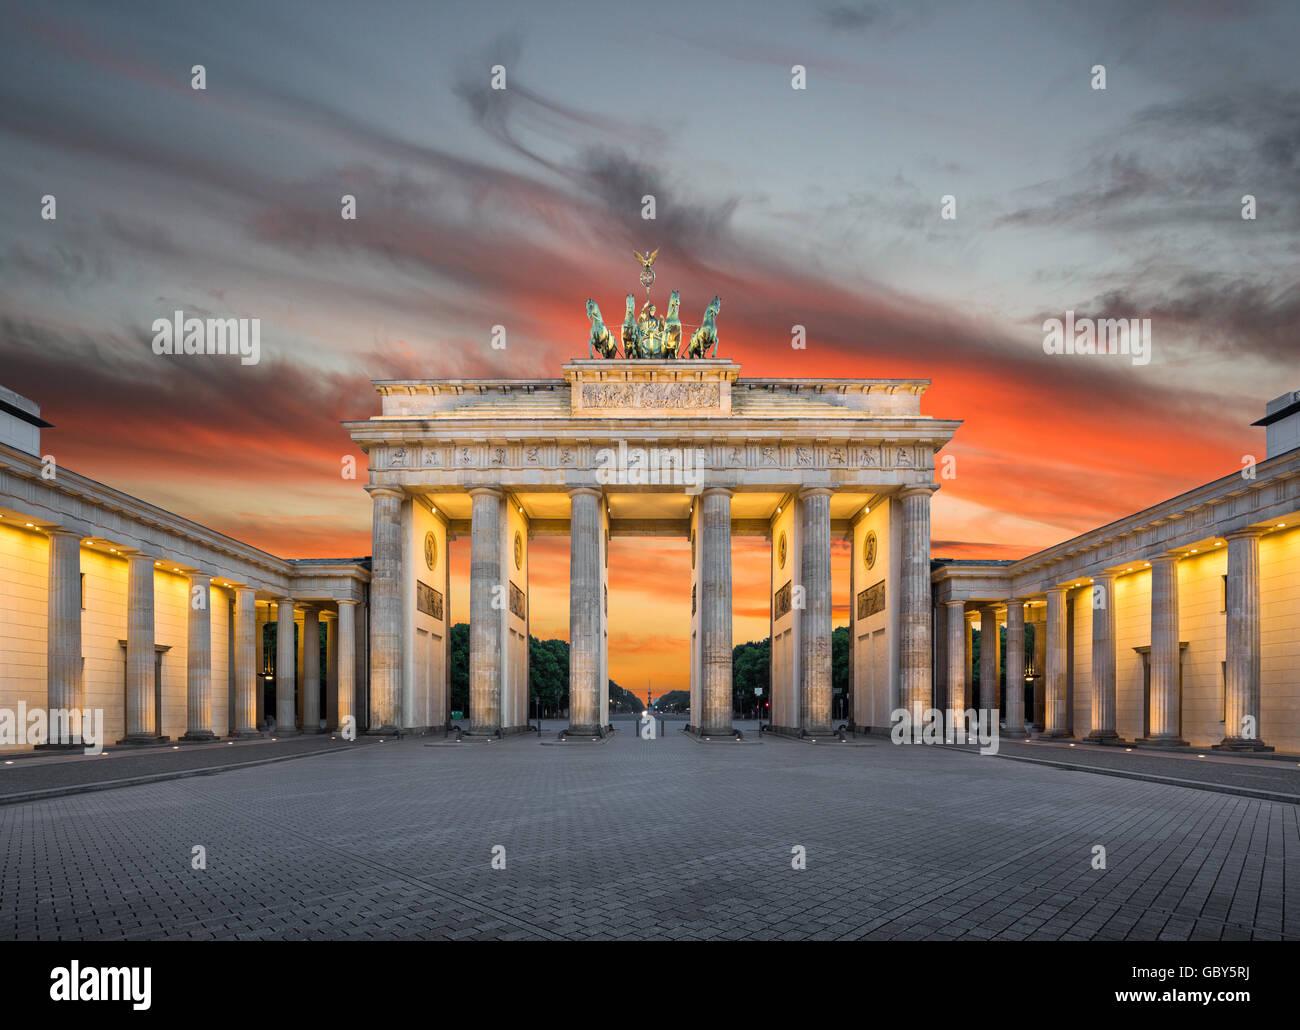 L'affichage classique de la célèbre Porte de Brandebourg dans le crépuscule, au centre de Berlin, Photo Stock